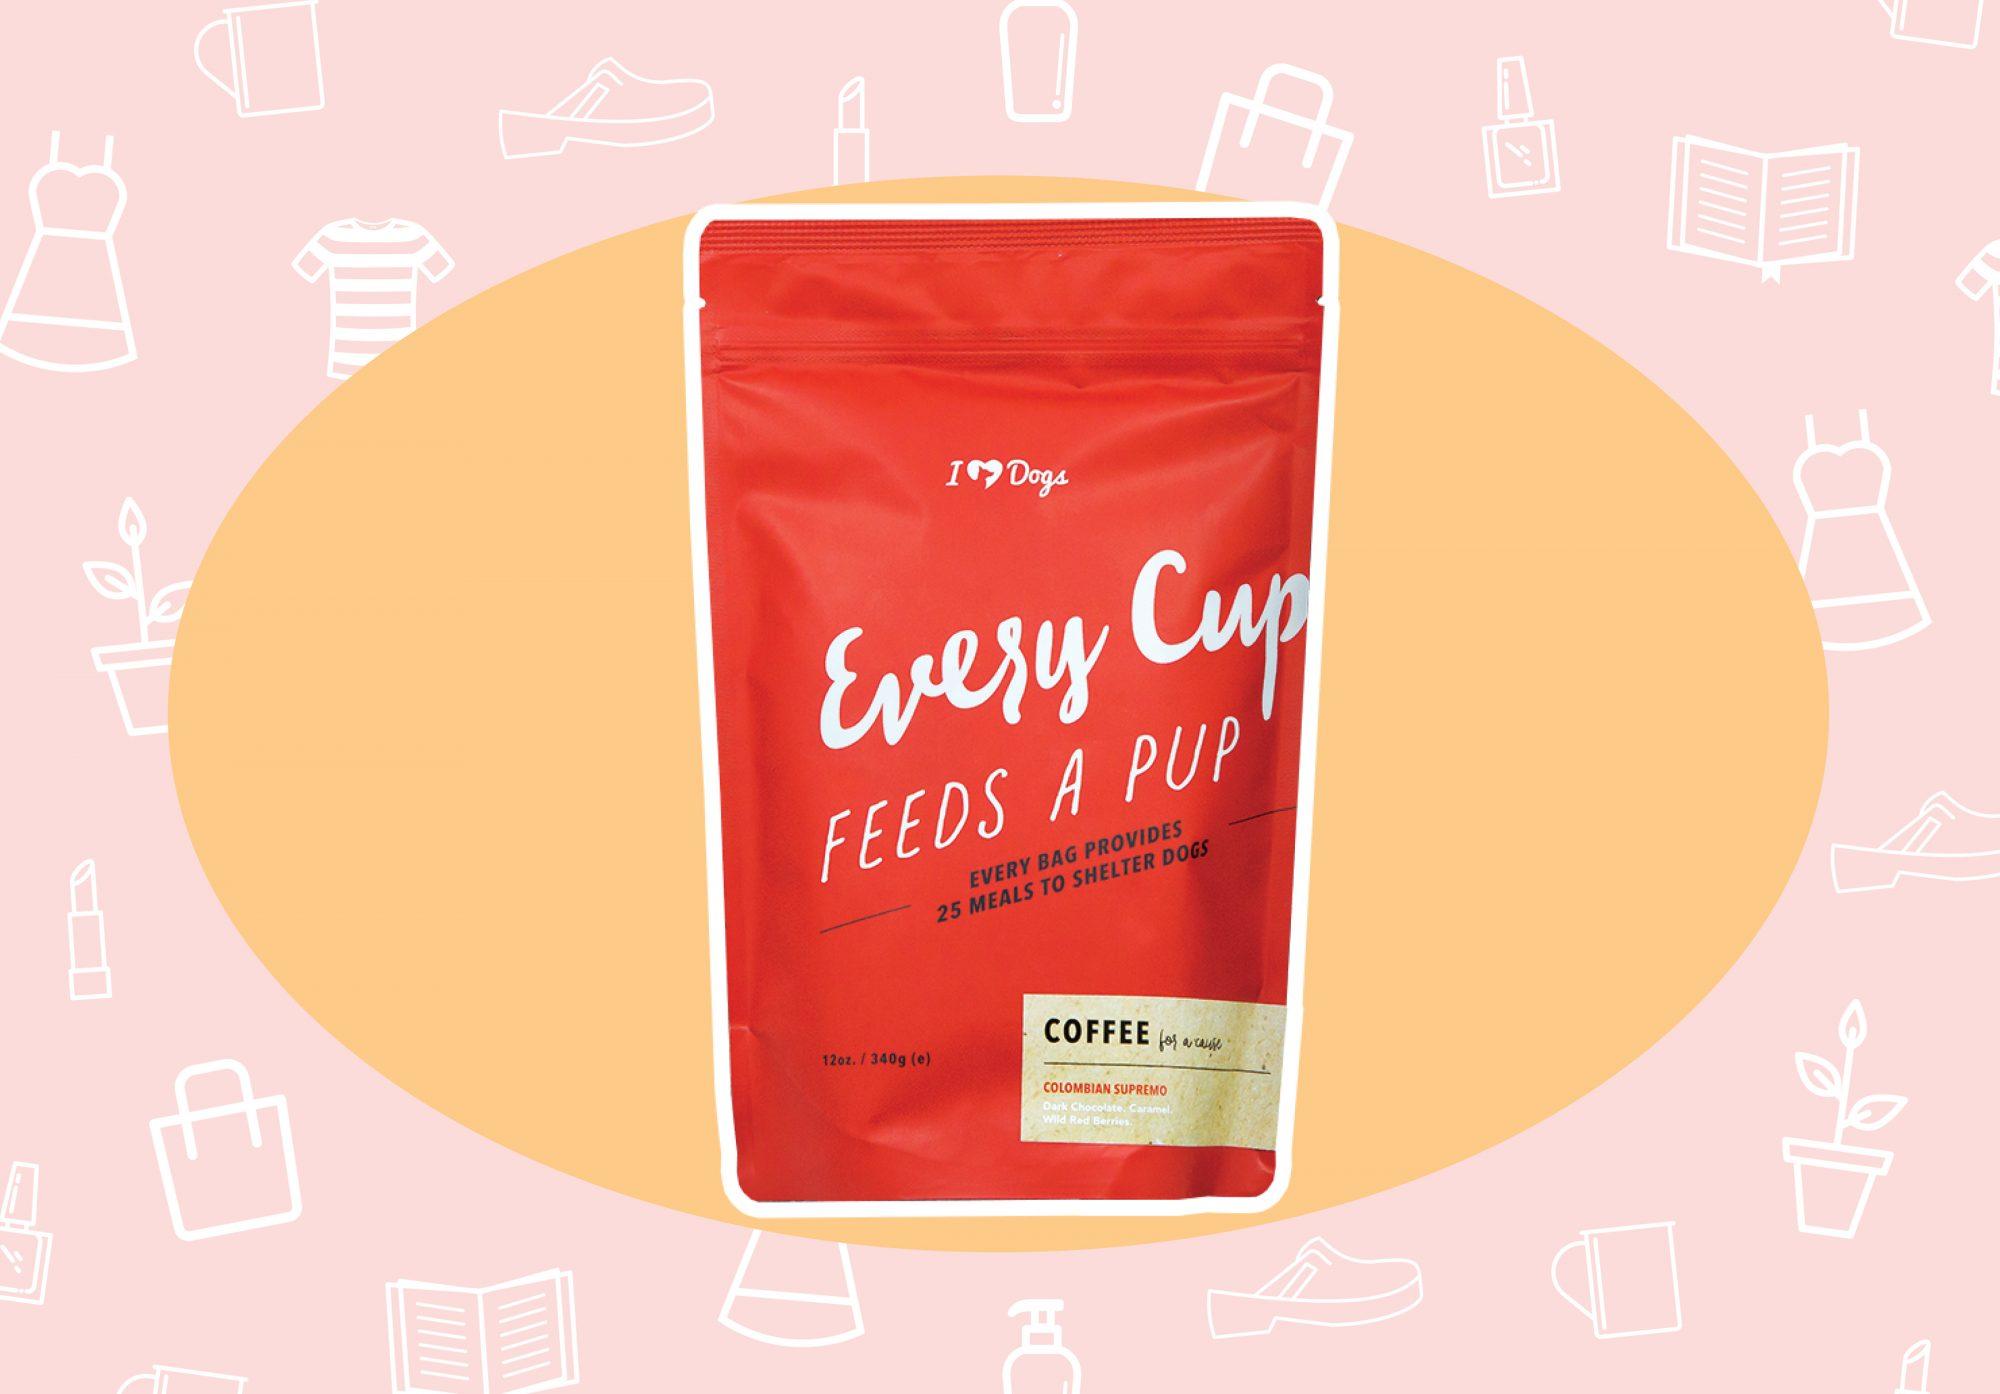 wantneedcoffee